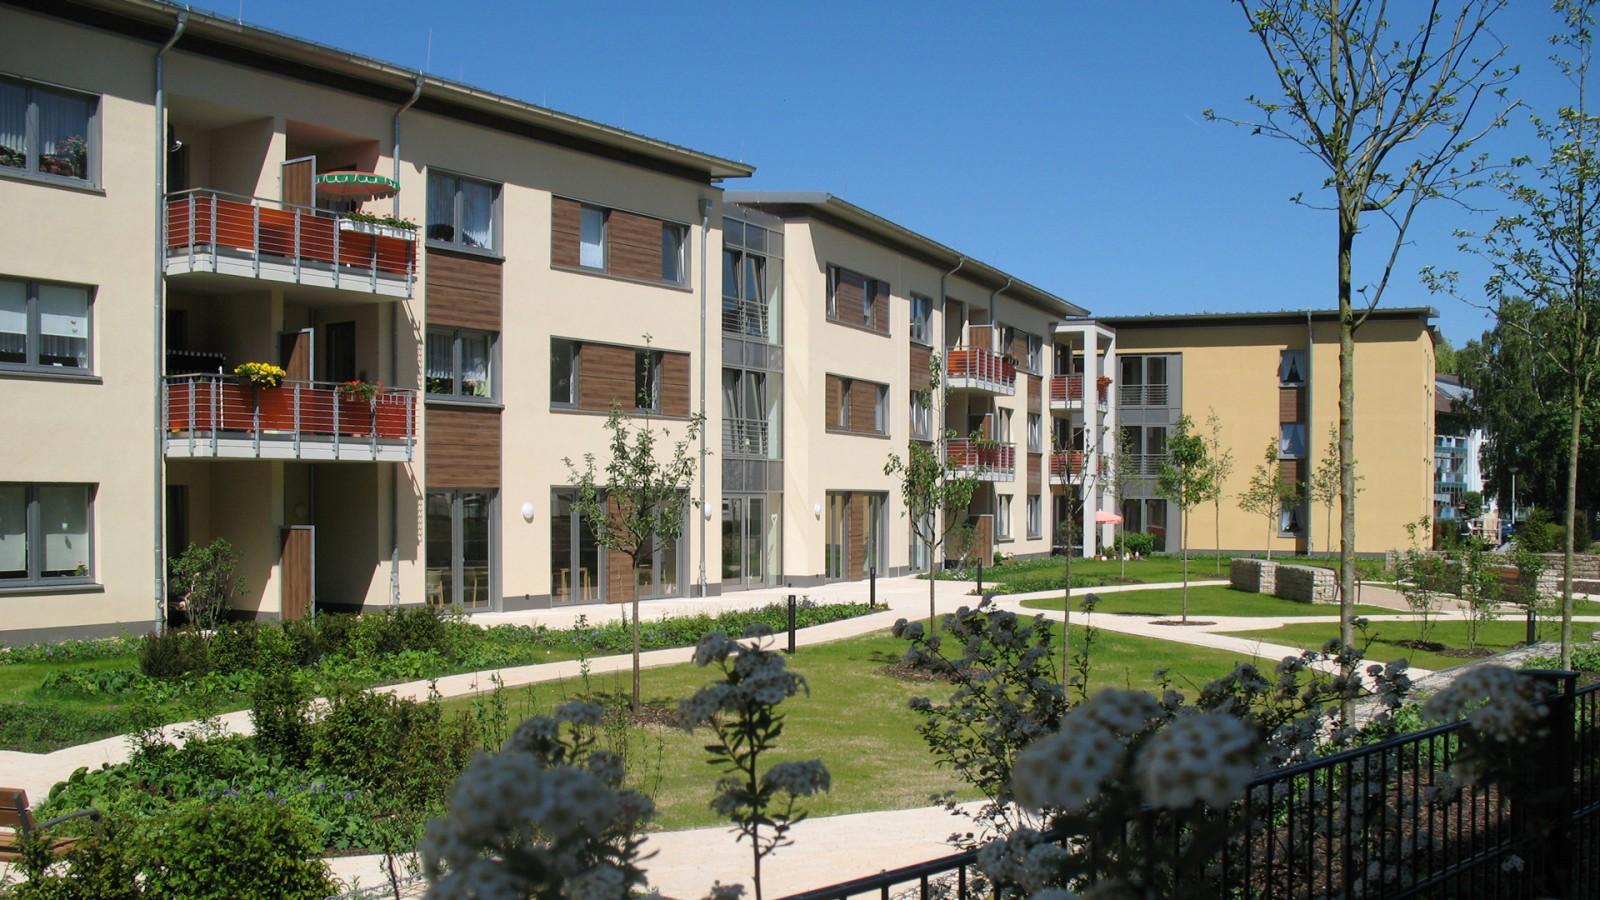 Neubau von betreuten Wohnungen in Hildesheim | JUNG - Architekturbüro, Innenarchitekturbüro Hildesheim